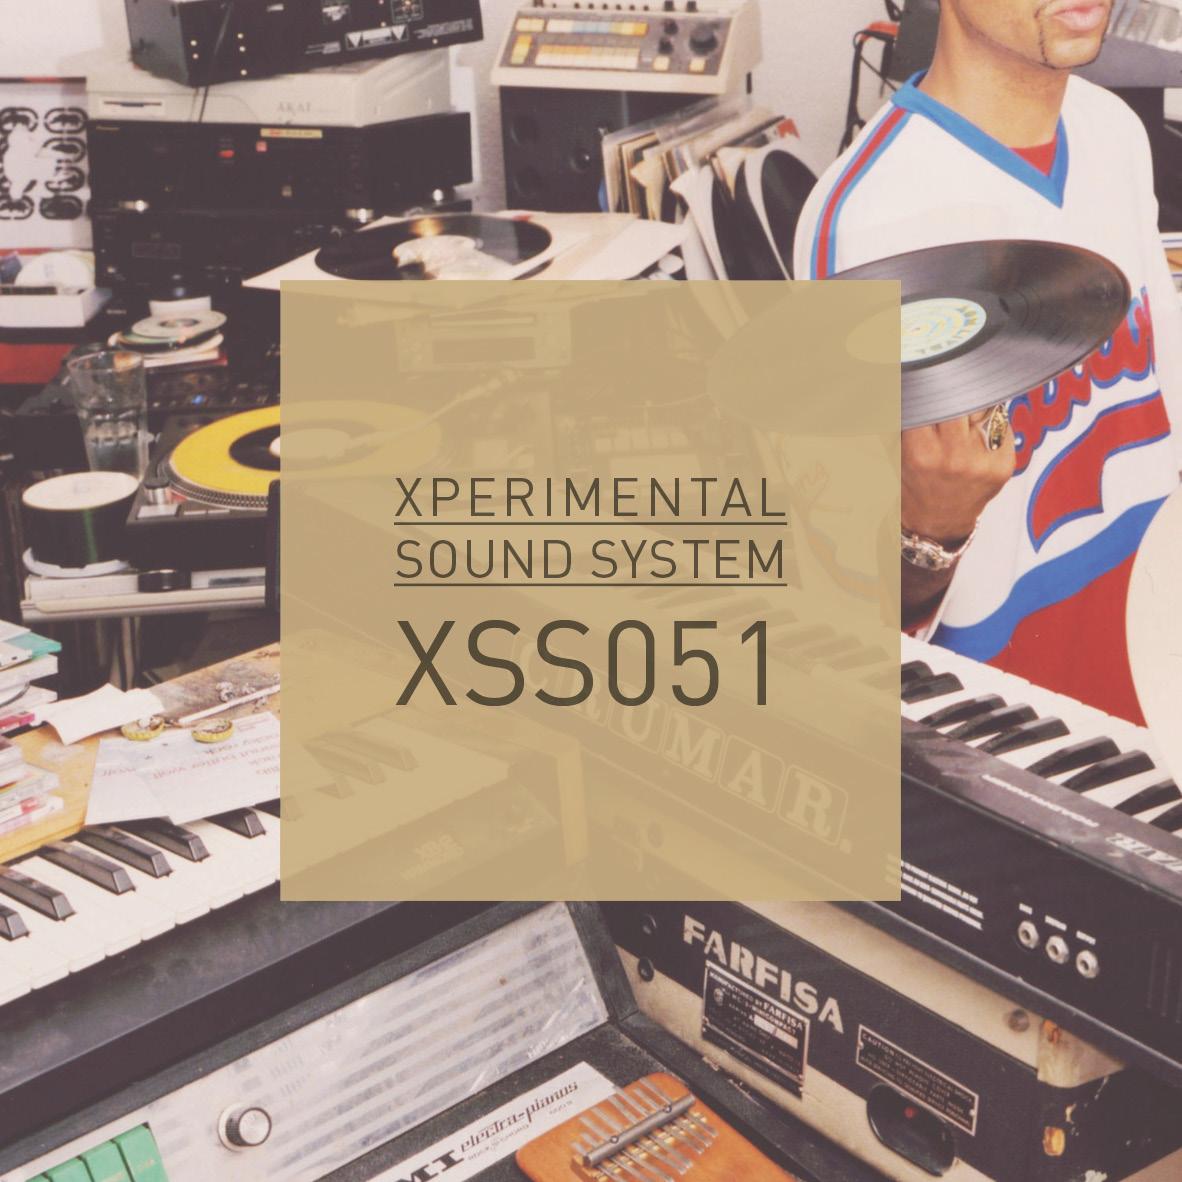 XSS051